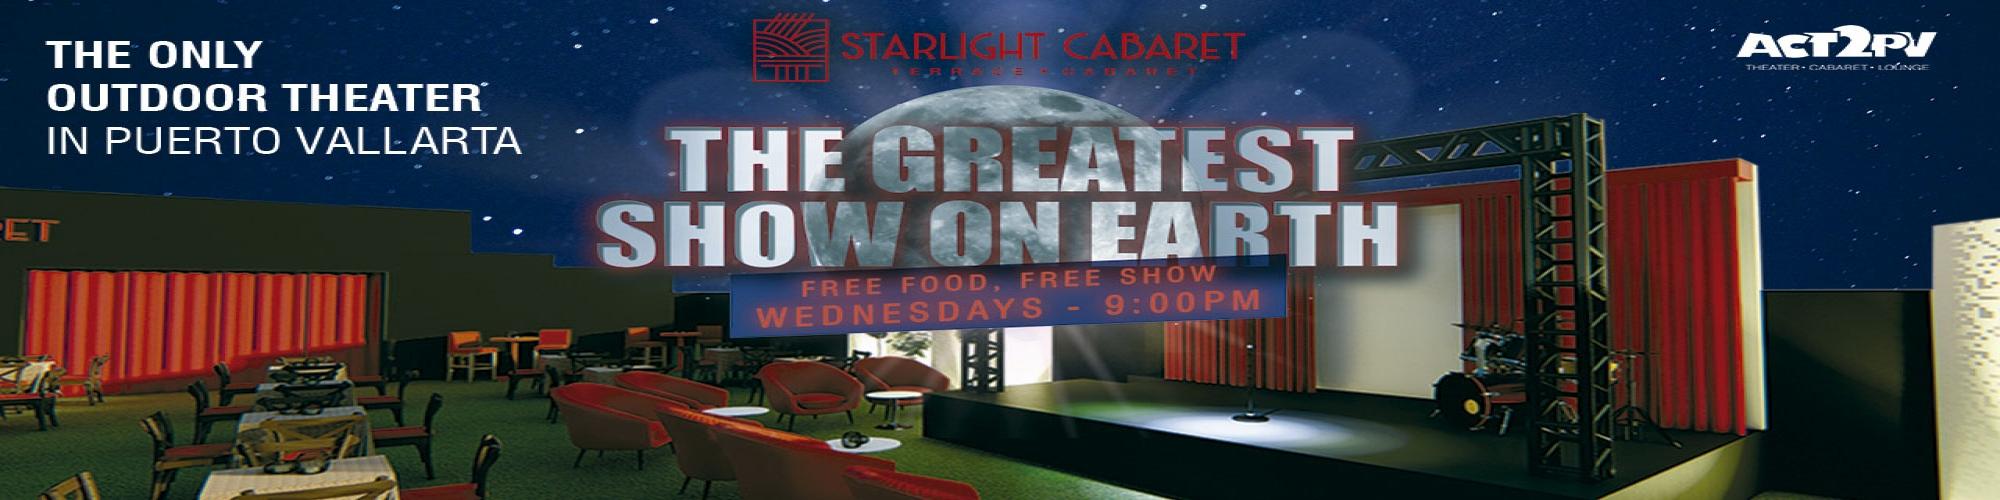 Wednesday Greatest show